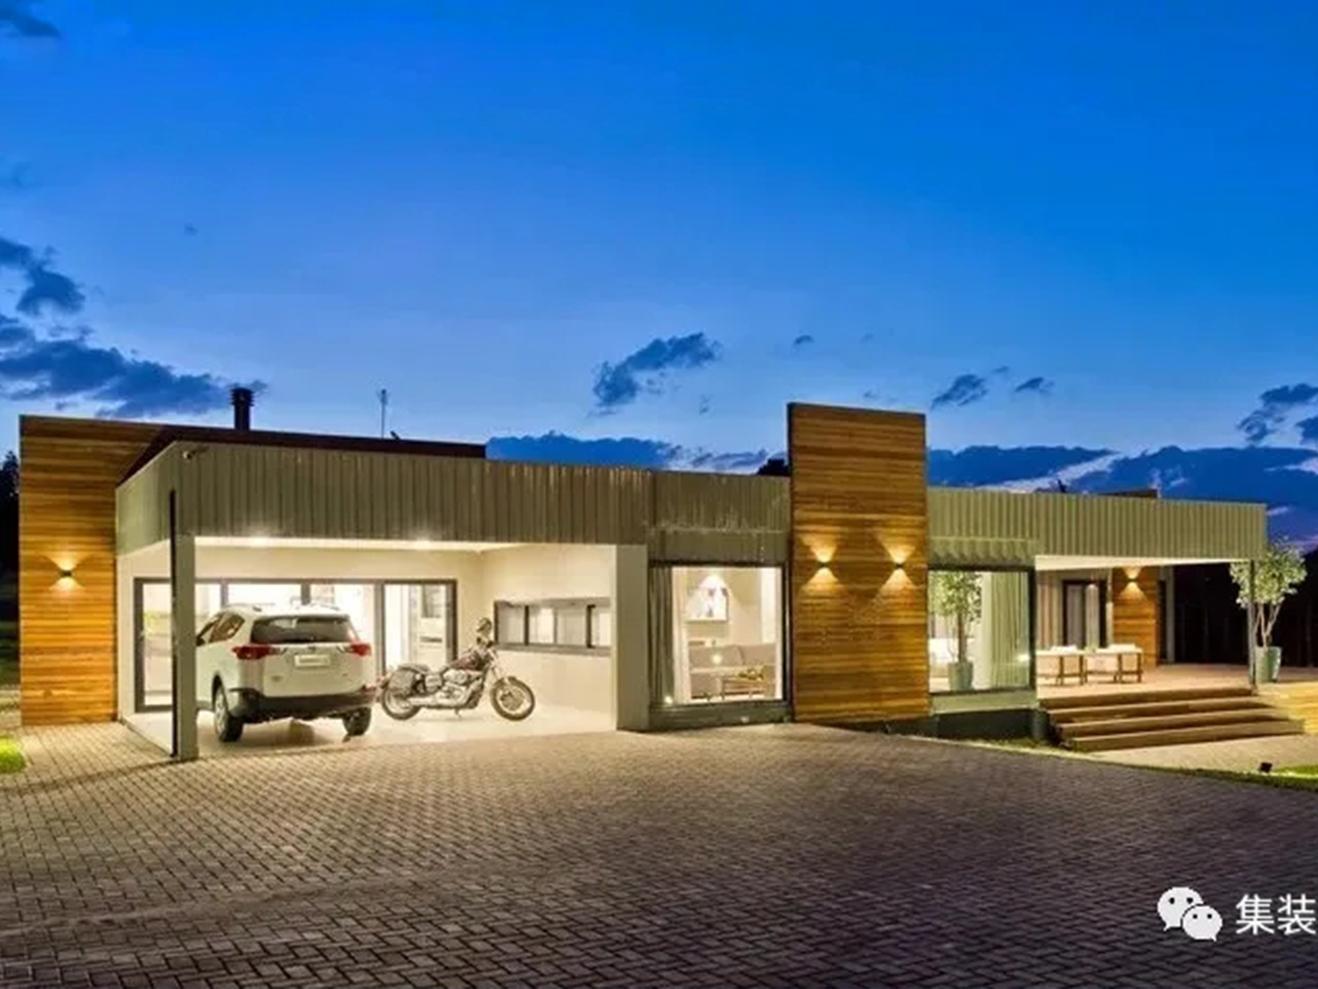 重用转变,创新、美学和功能性结合的开放式【集装箱住宅】!